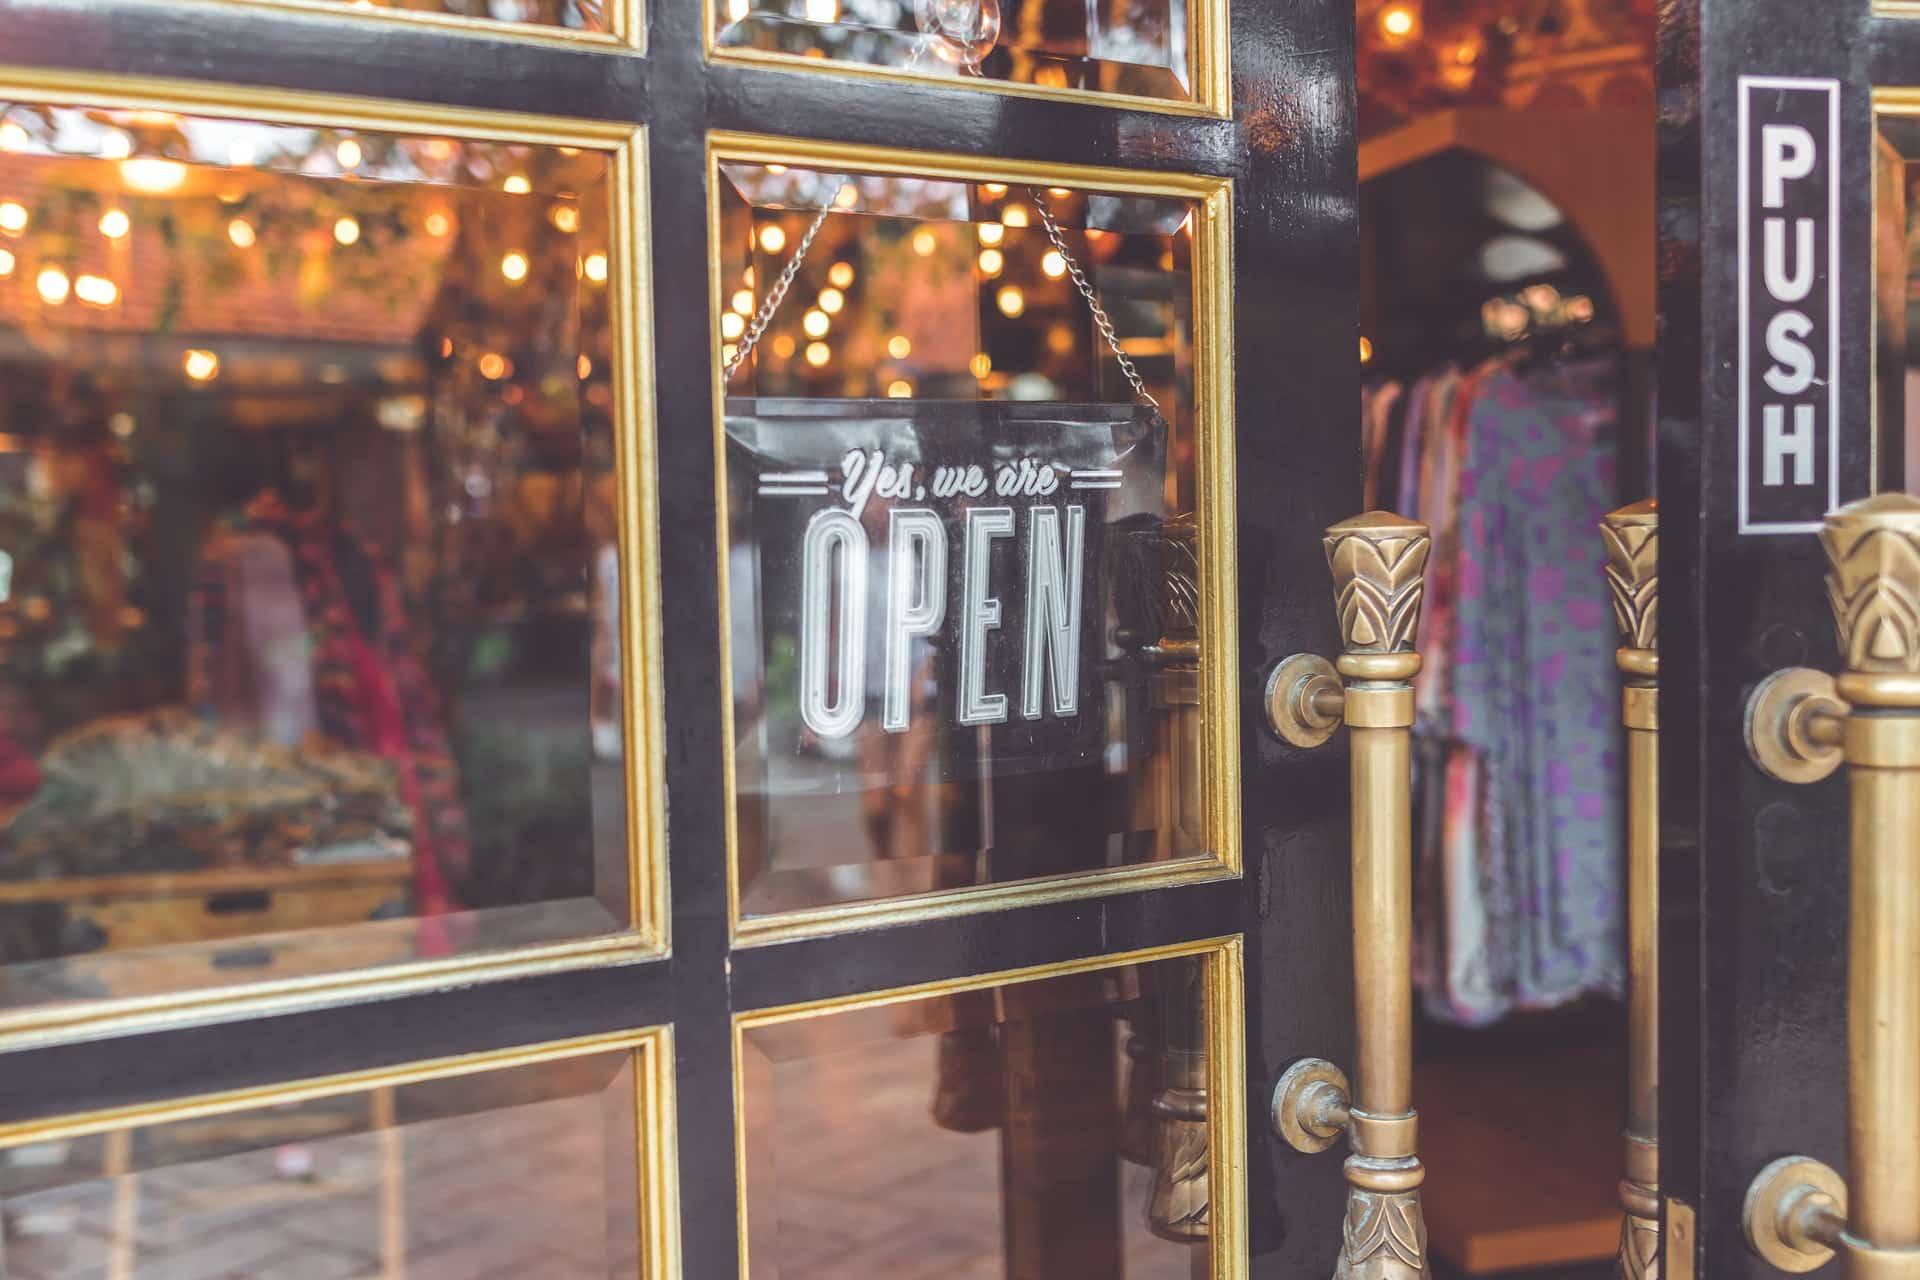 Shop front entrance